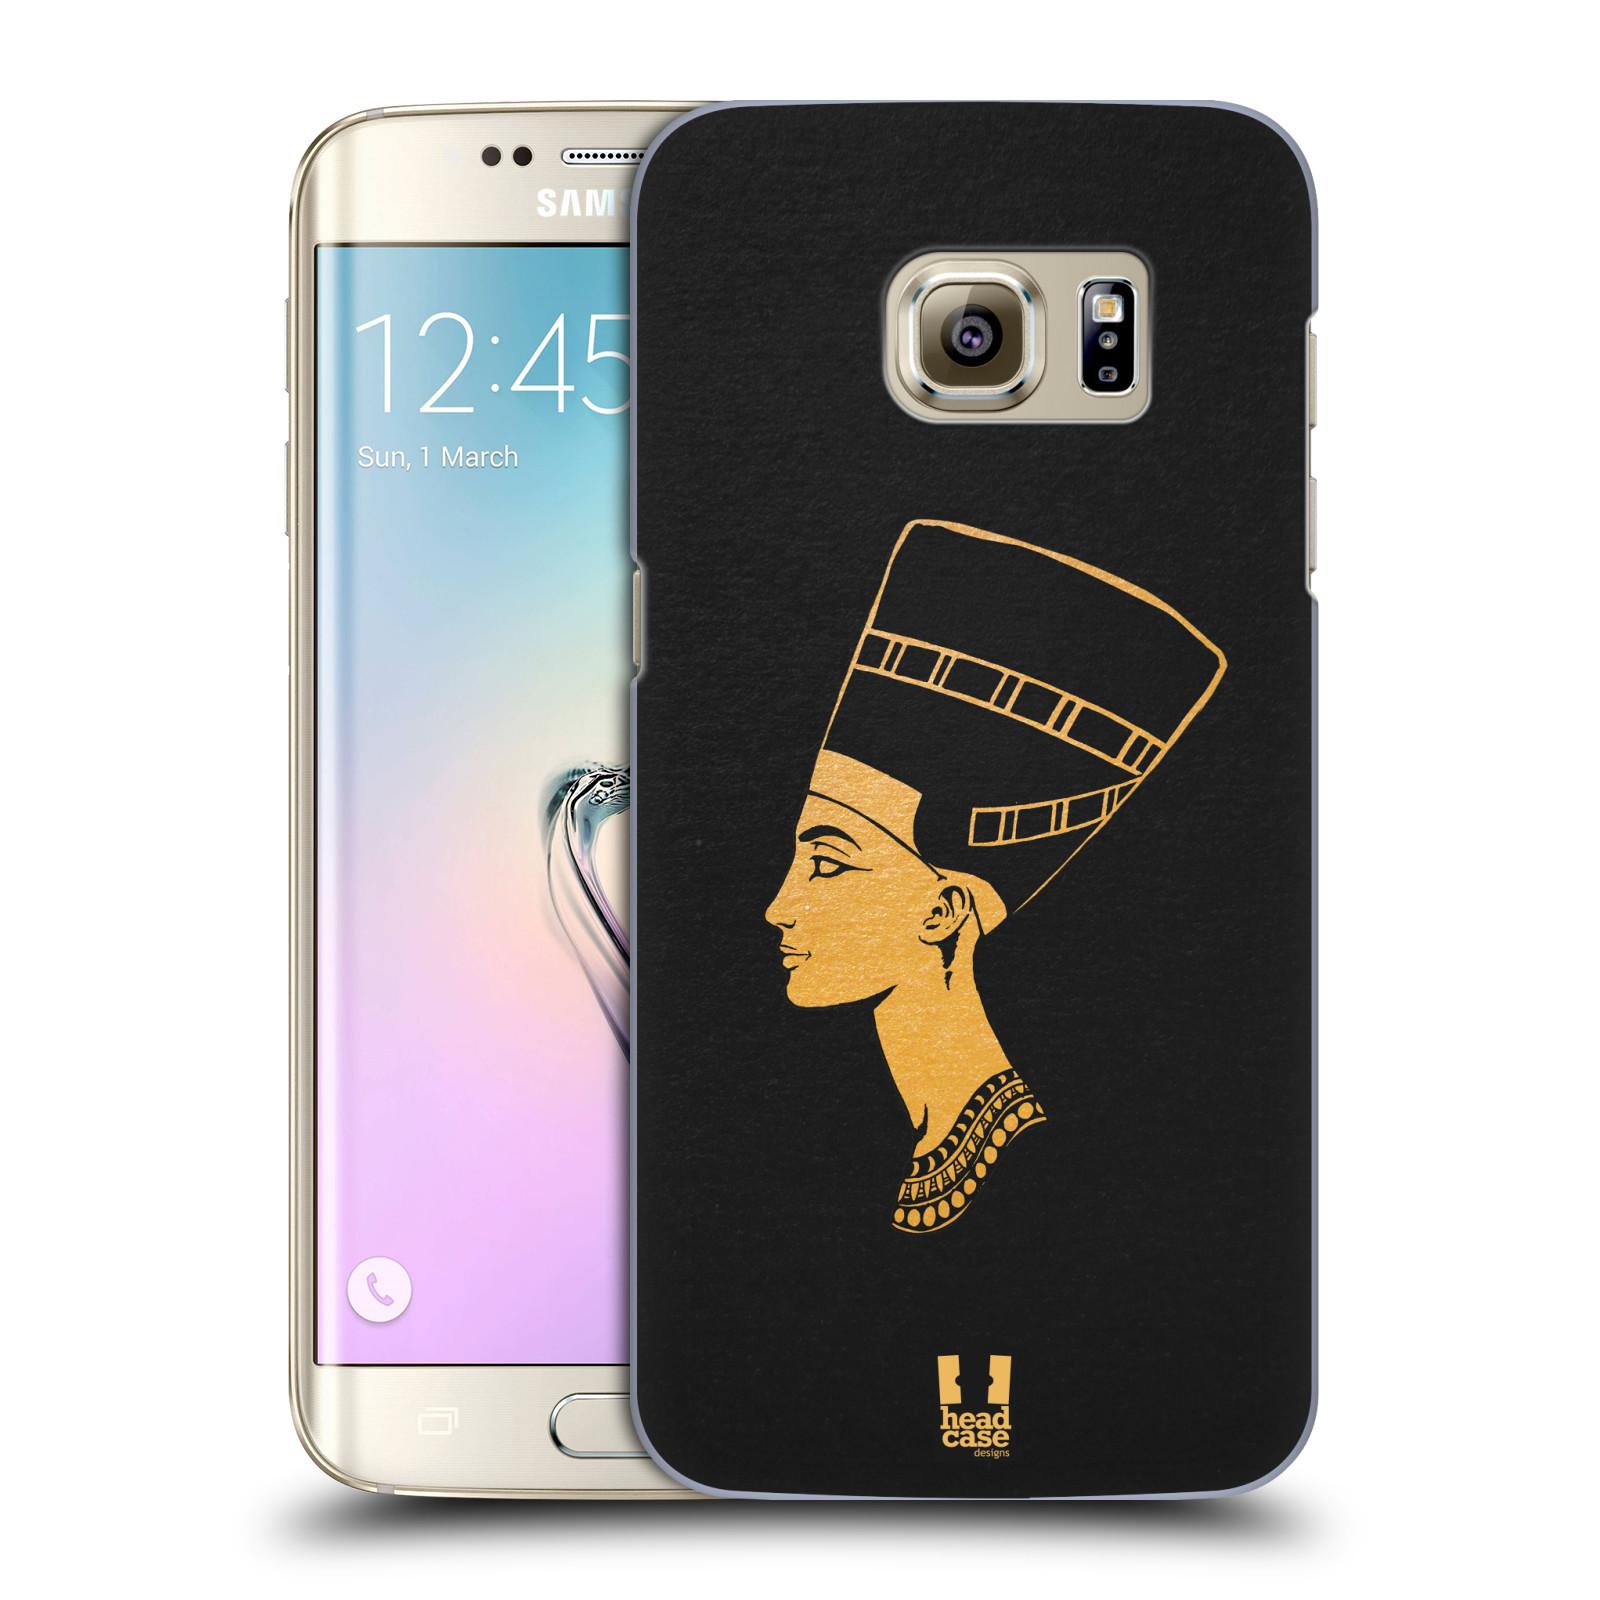 Plastové pouzdro na mobil Samsung Galaxy S7 Edge HEAD CASE EGYPT NEFERTITI (Kryt či obal na mobilní telefon Samsung Galaxy S7 Edge SM-G935F)